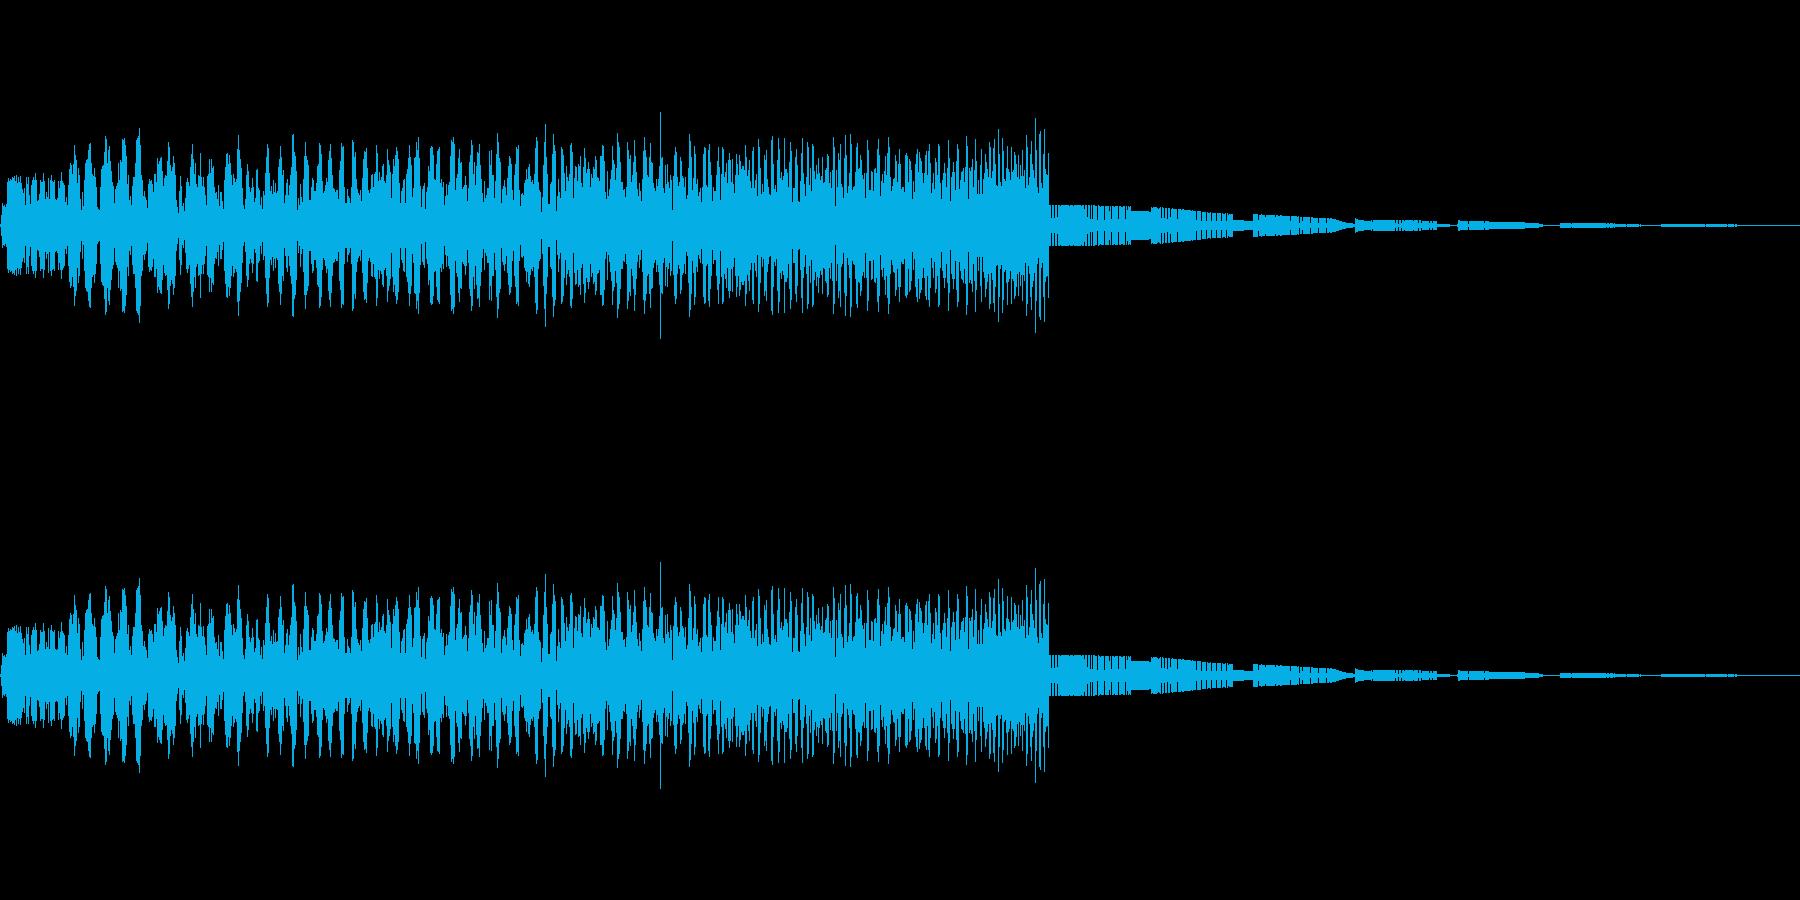 [ピロロロ]パラメータUP(8bit系)の再生済みの波形